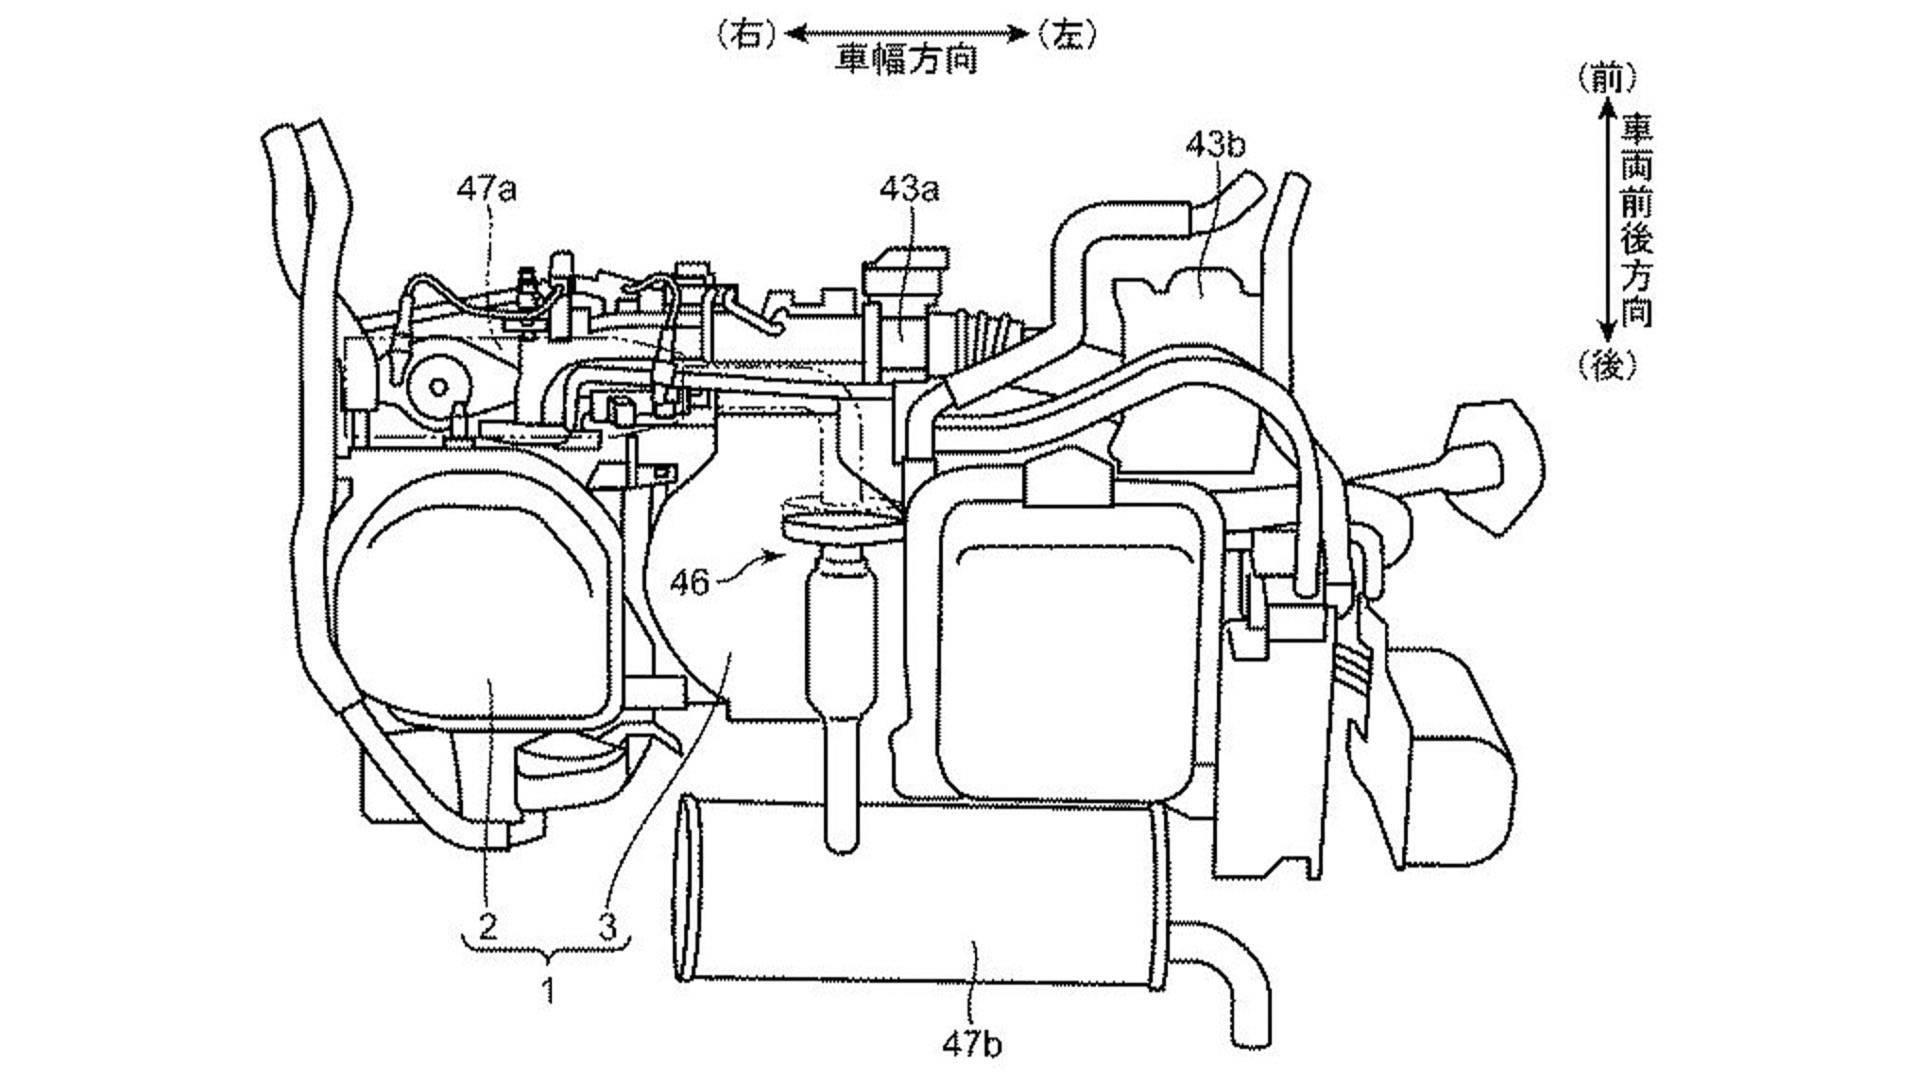 mazda-rotary-engine-patent (7)